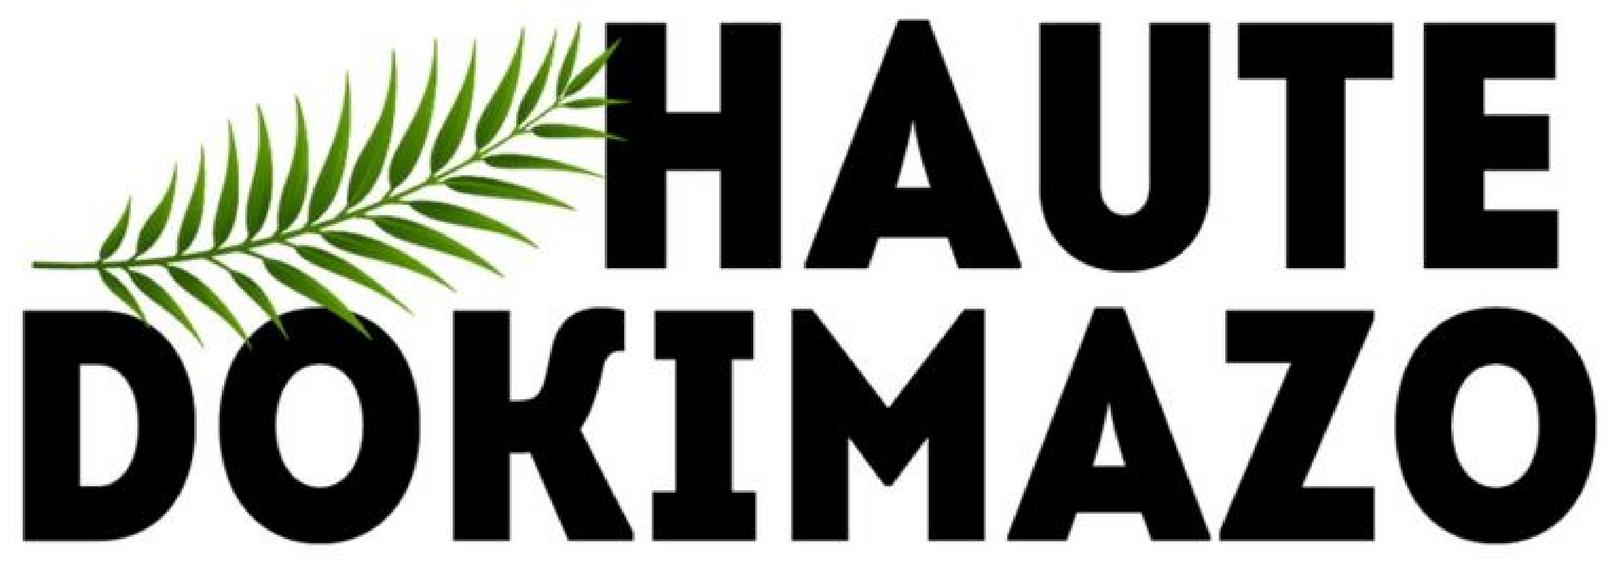 Haute Dokimazo